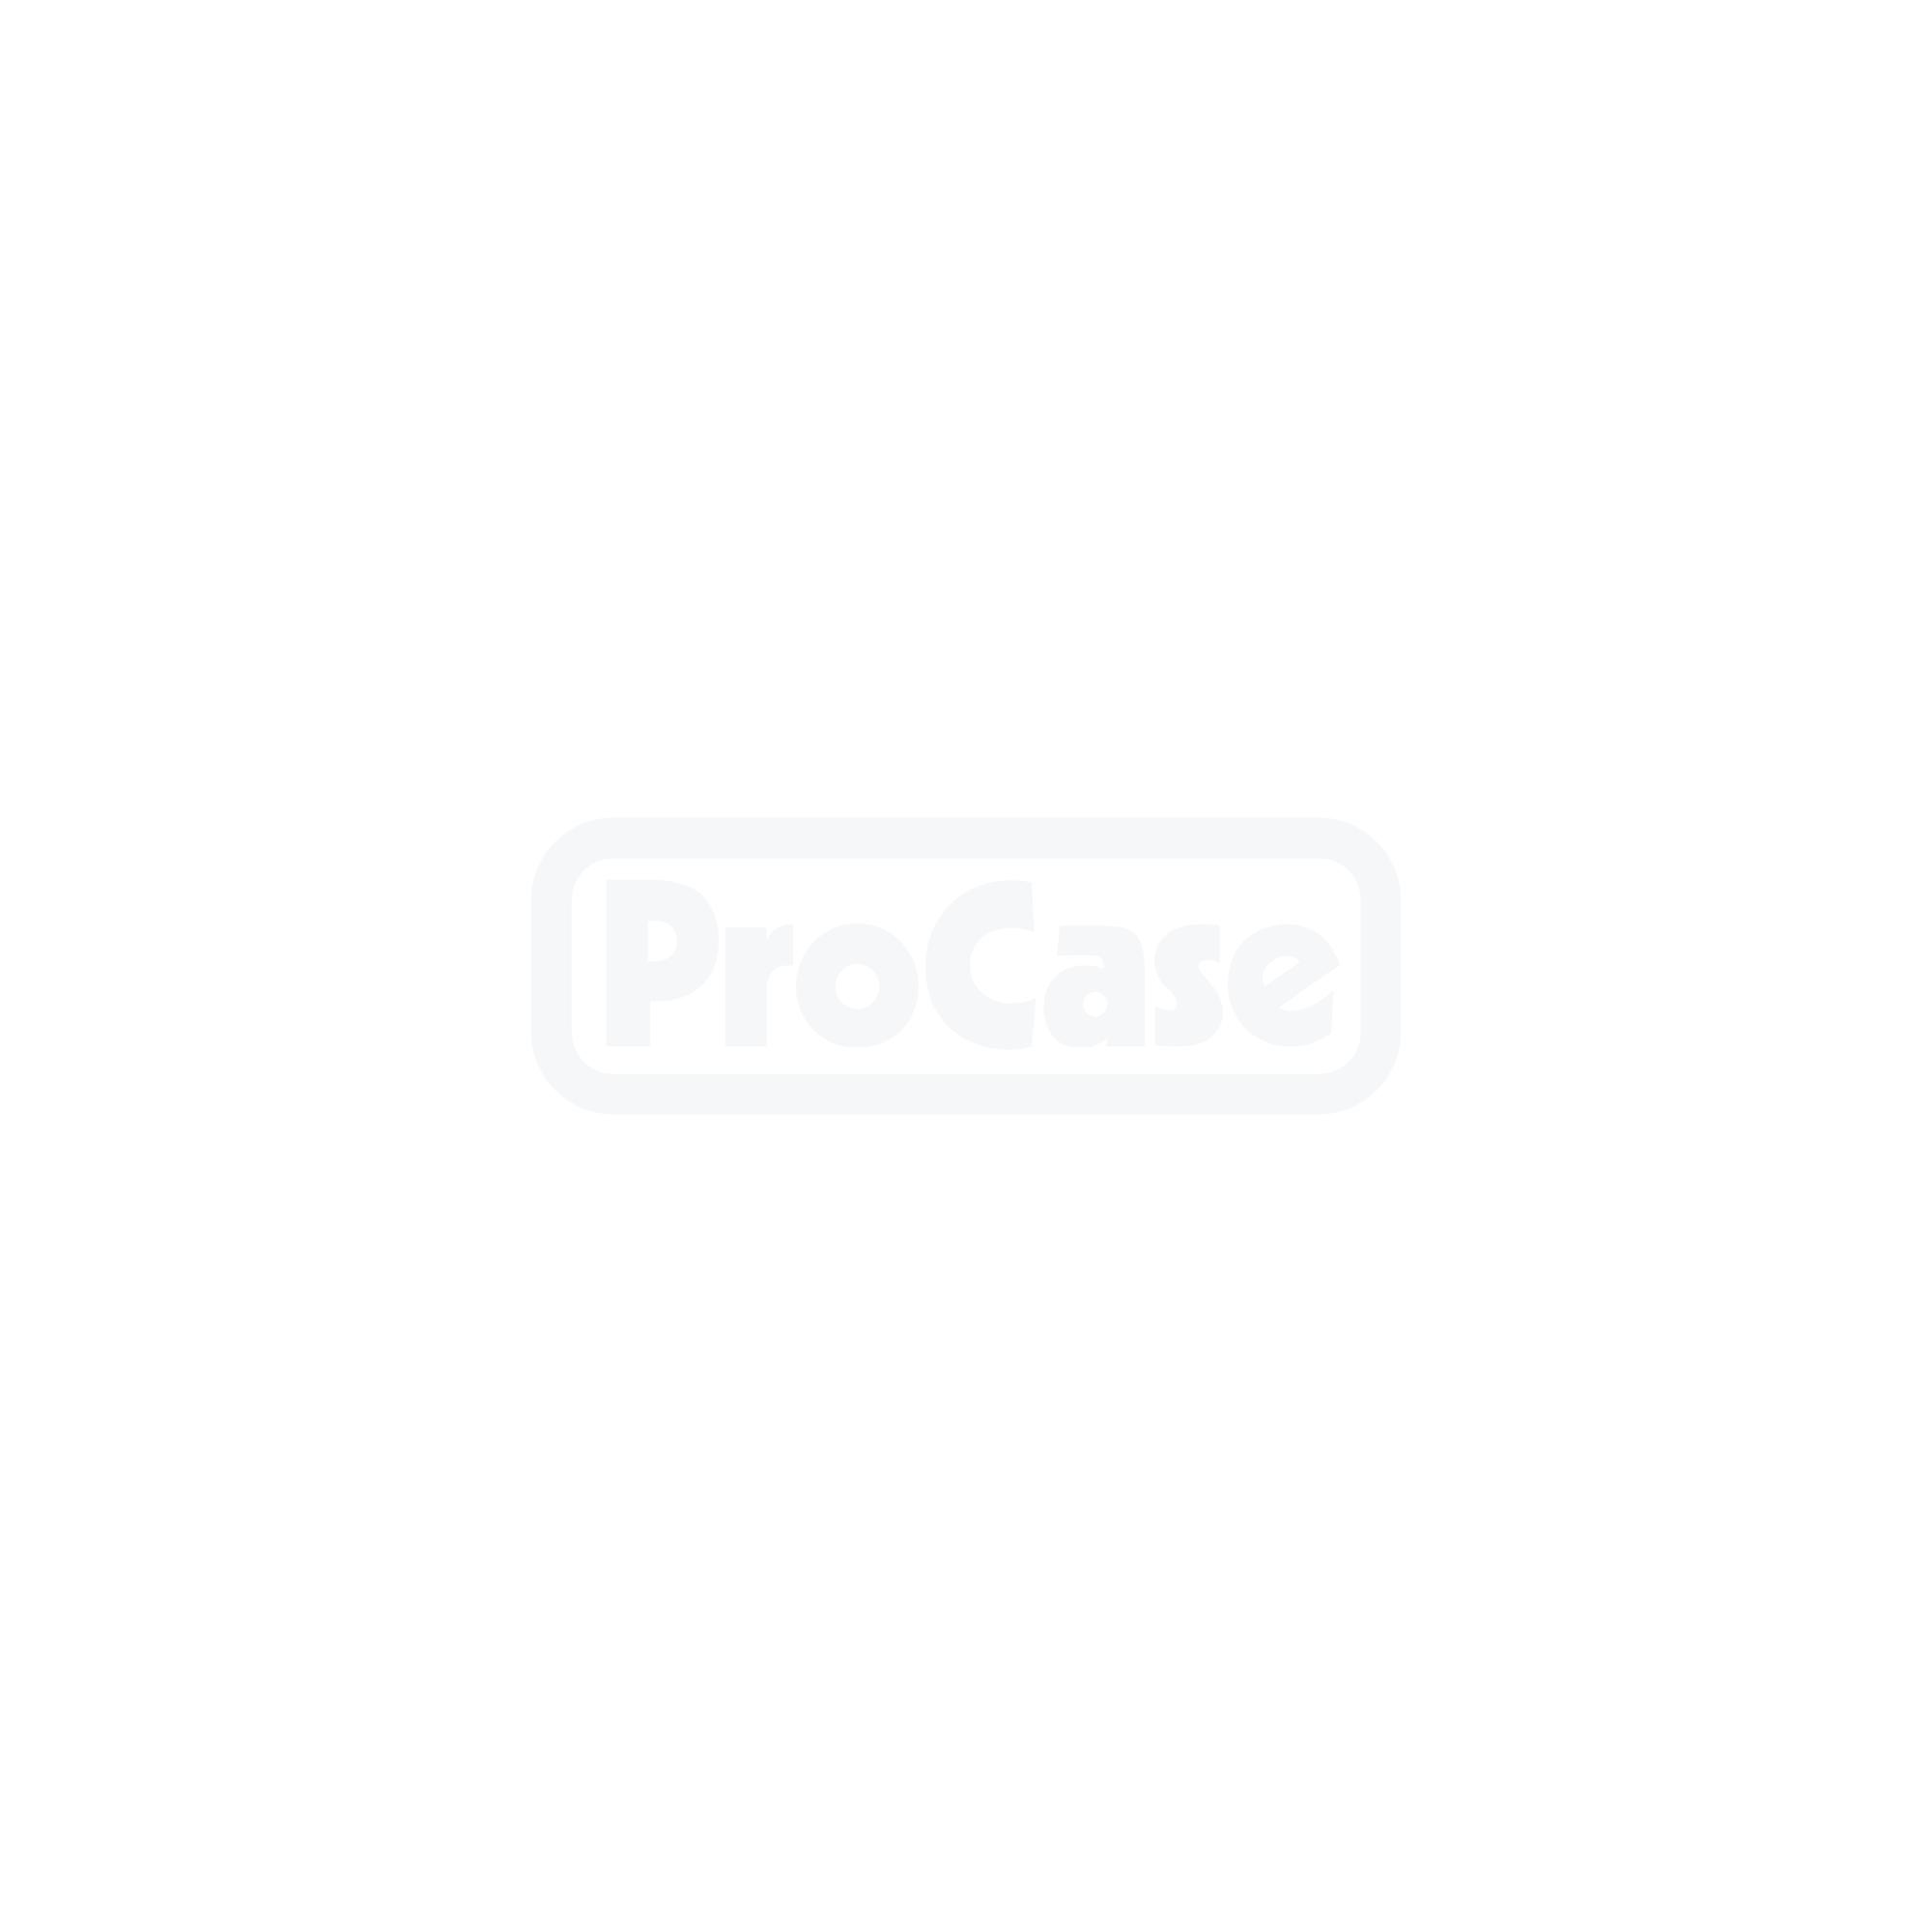 SKB 3i Koffer 1813-7 leer